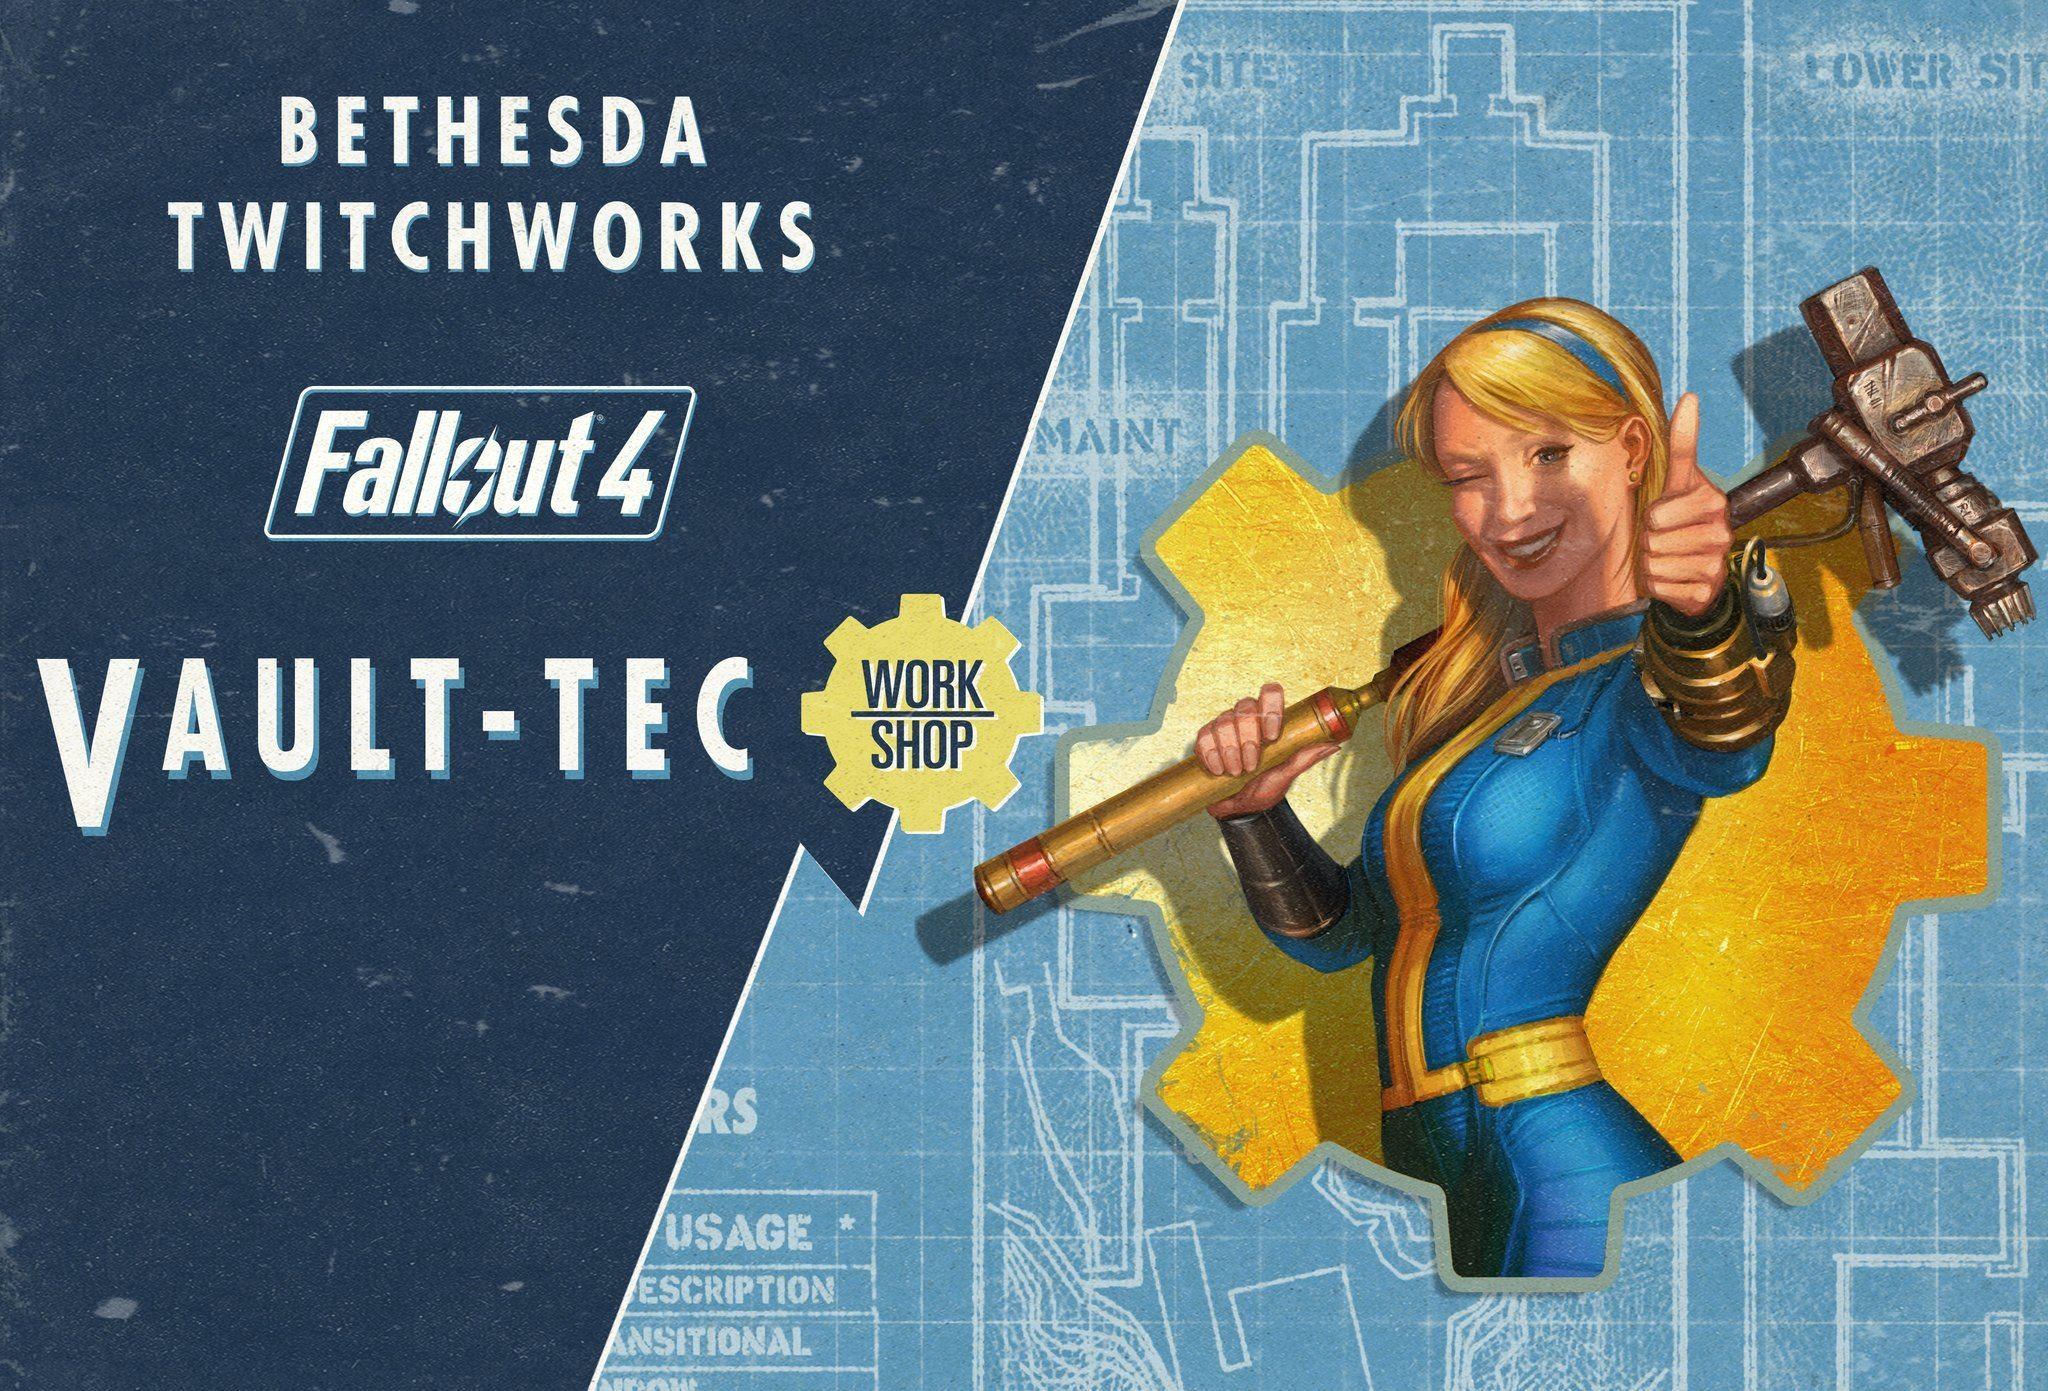 Fallout 4 – Vault-Tec Workshop